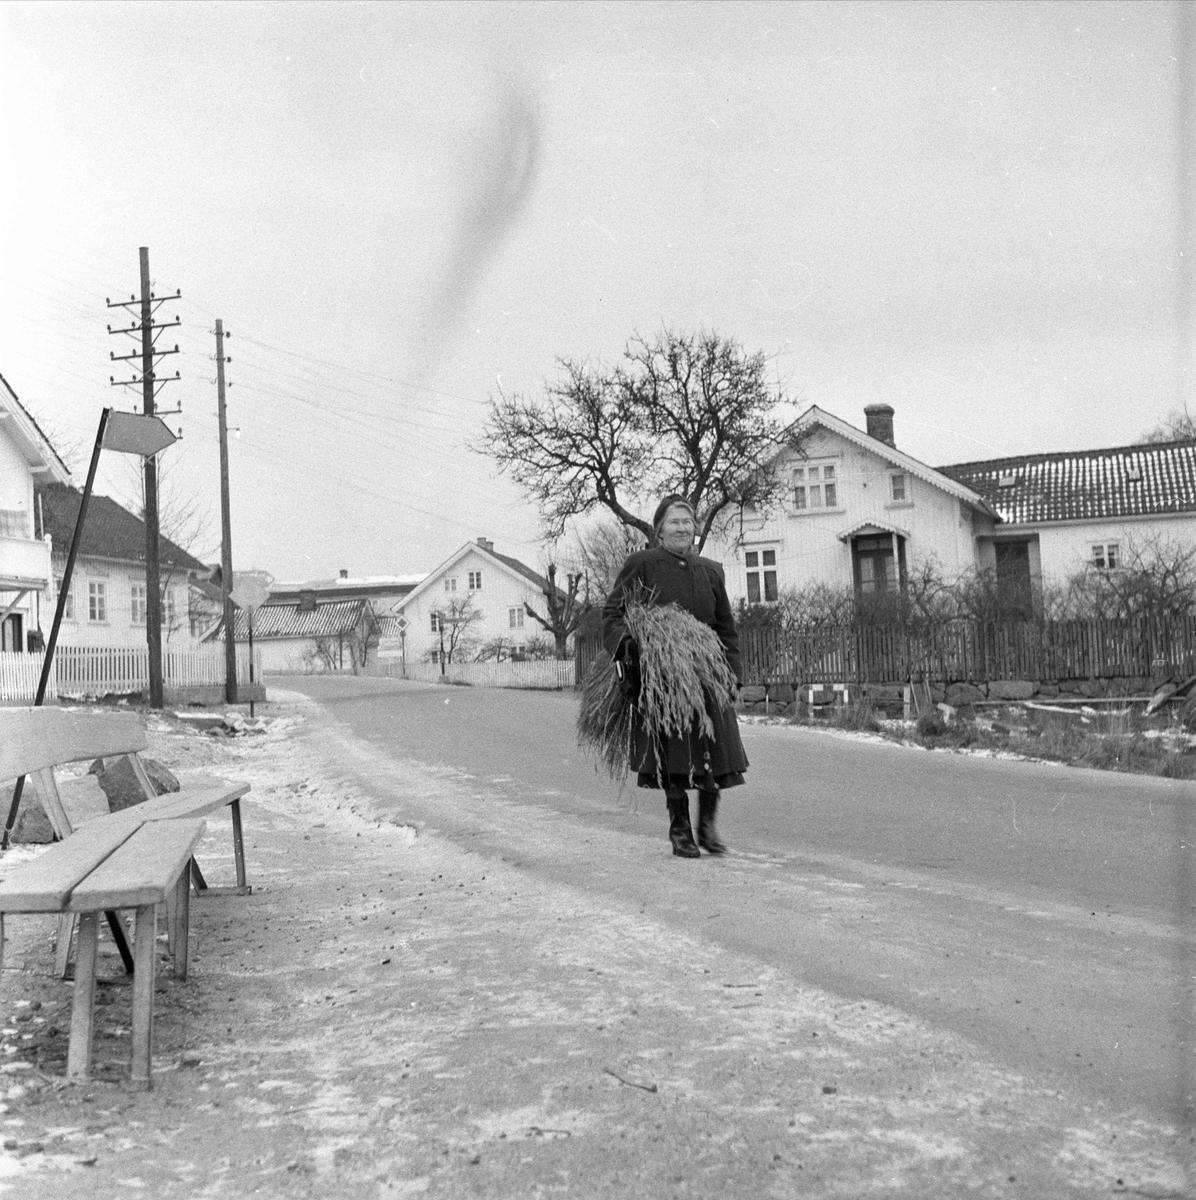 Fevik, Grimstad, desember 1957. Kvinne med kornnek på vei.